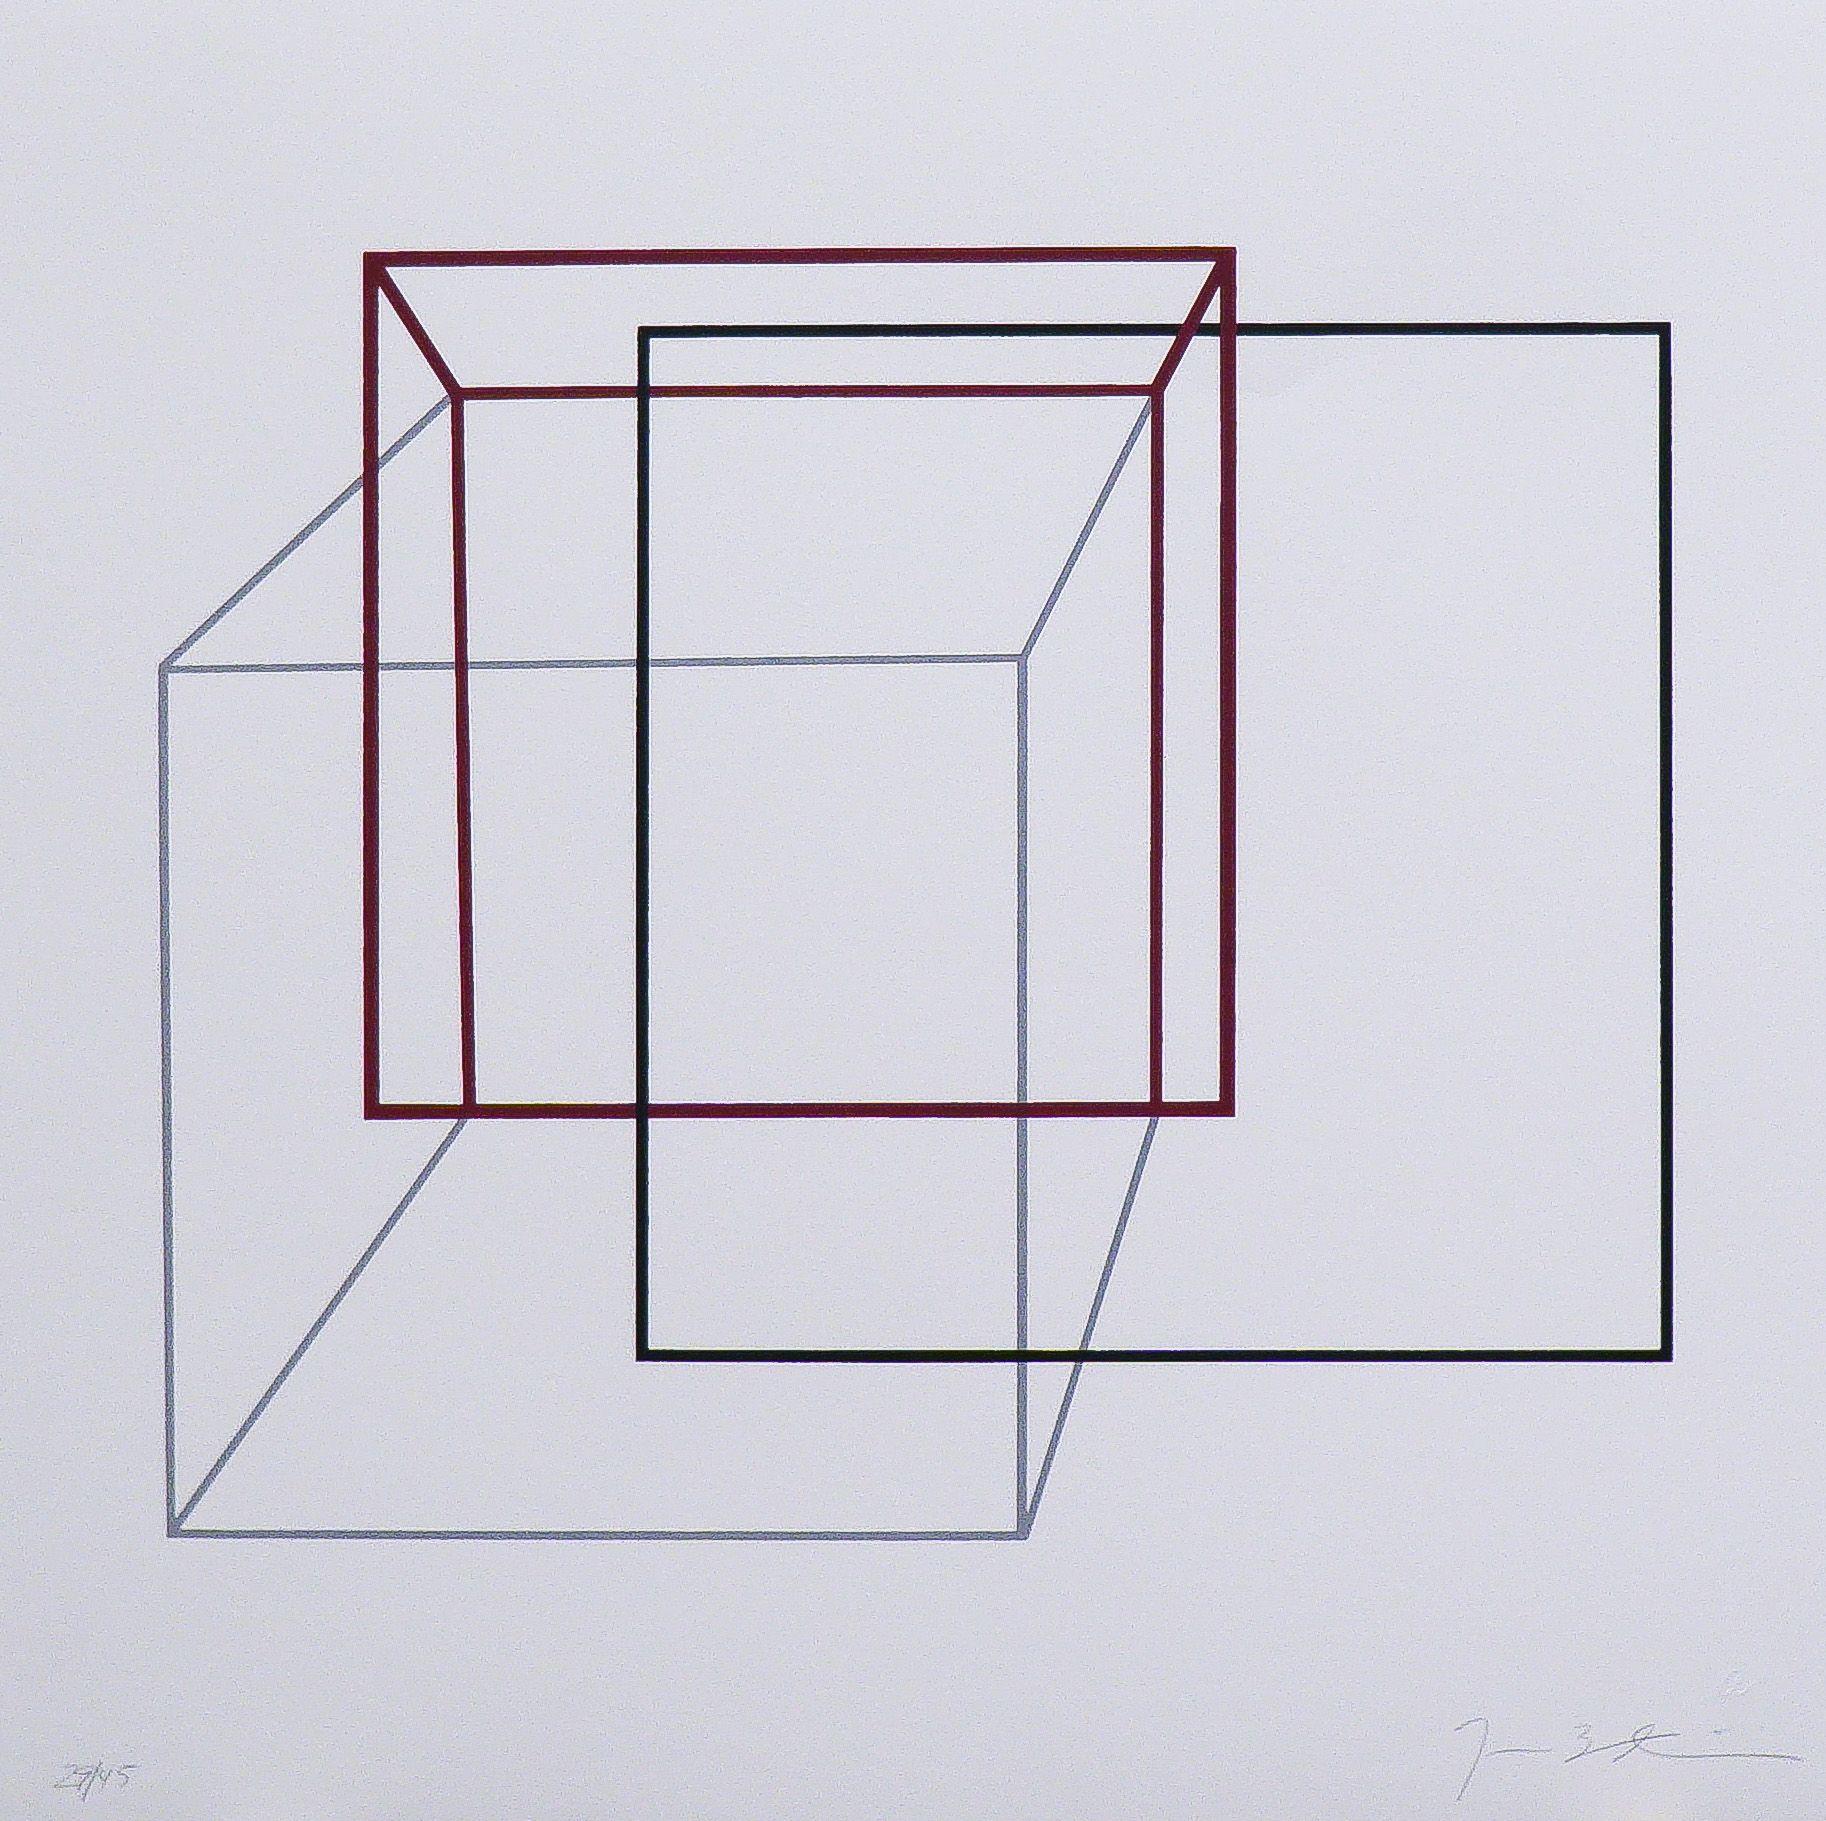 Cubos vermelhos e preto